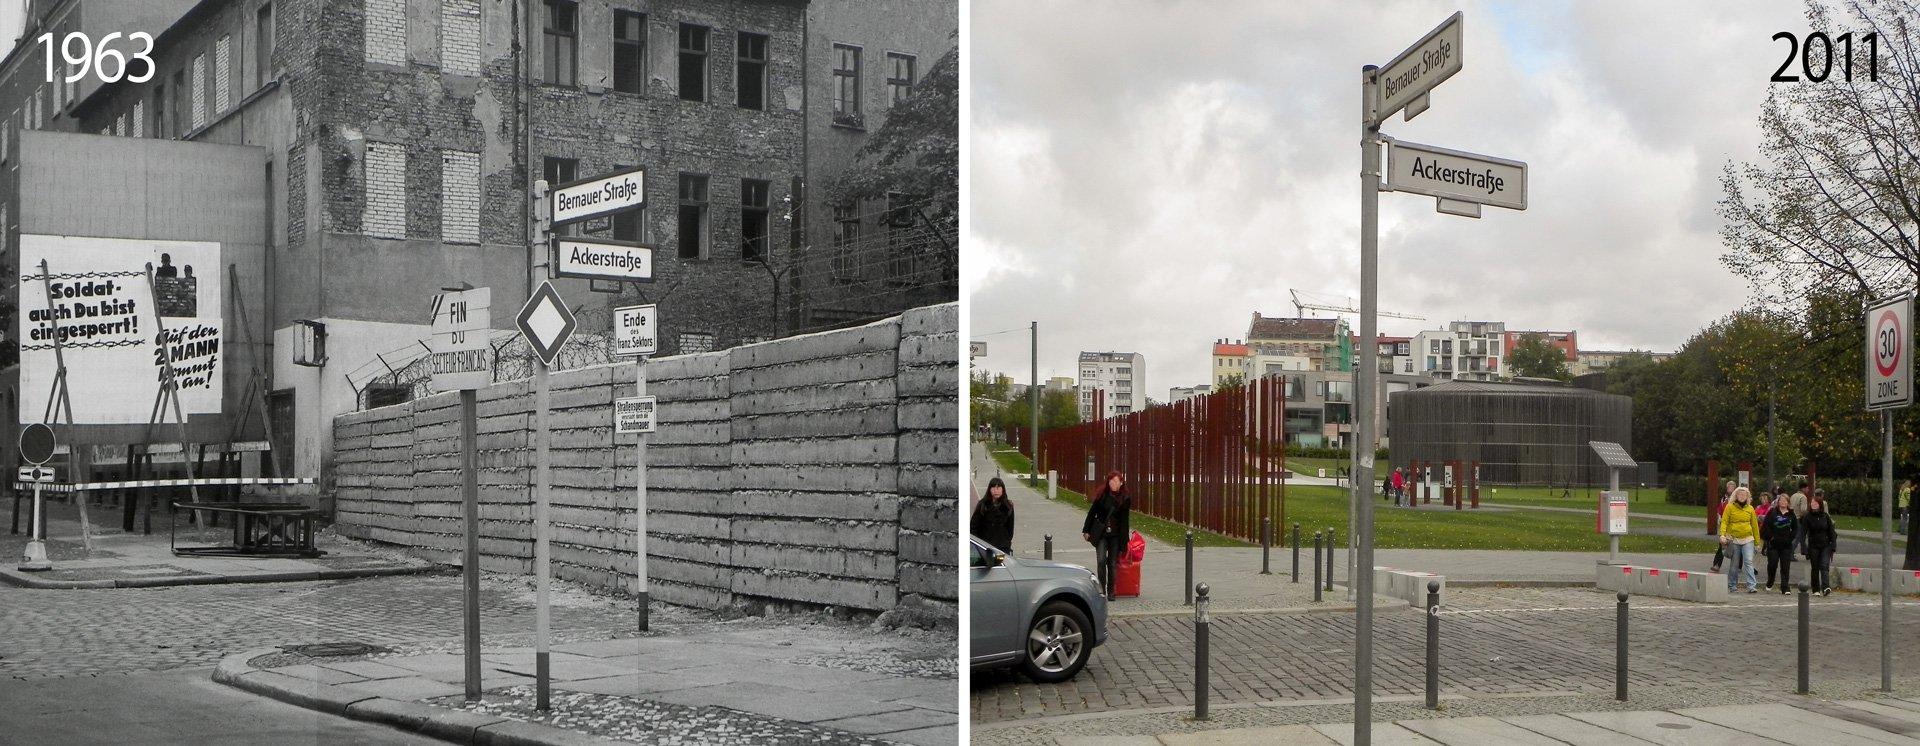 Ackerstraße Ecke Bernauer-Straße 1963 und 2011